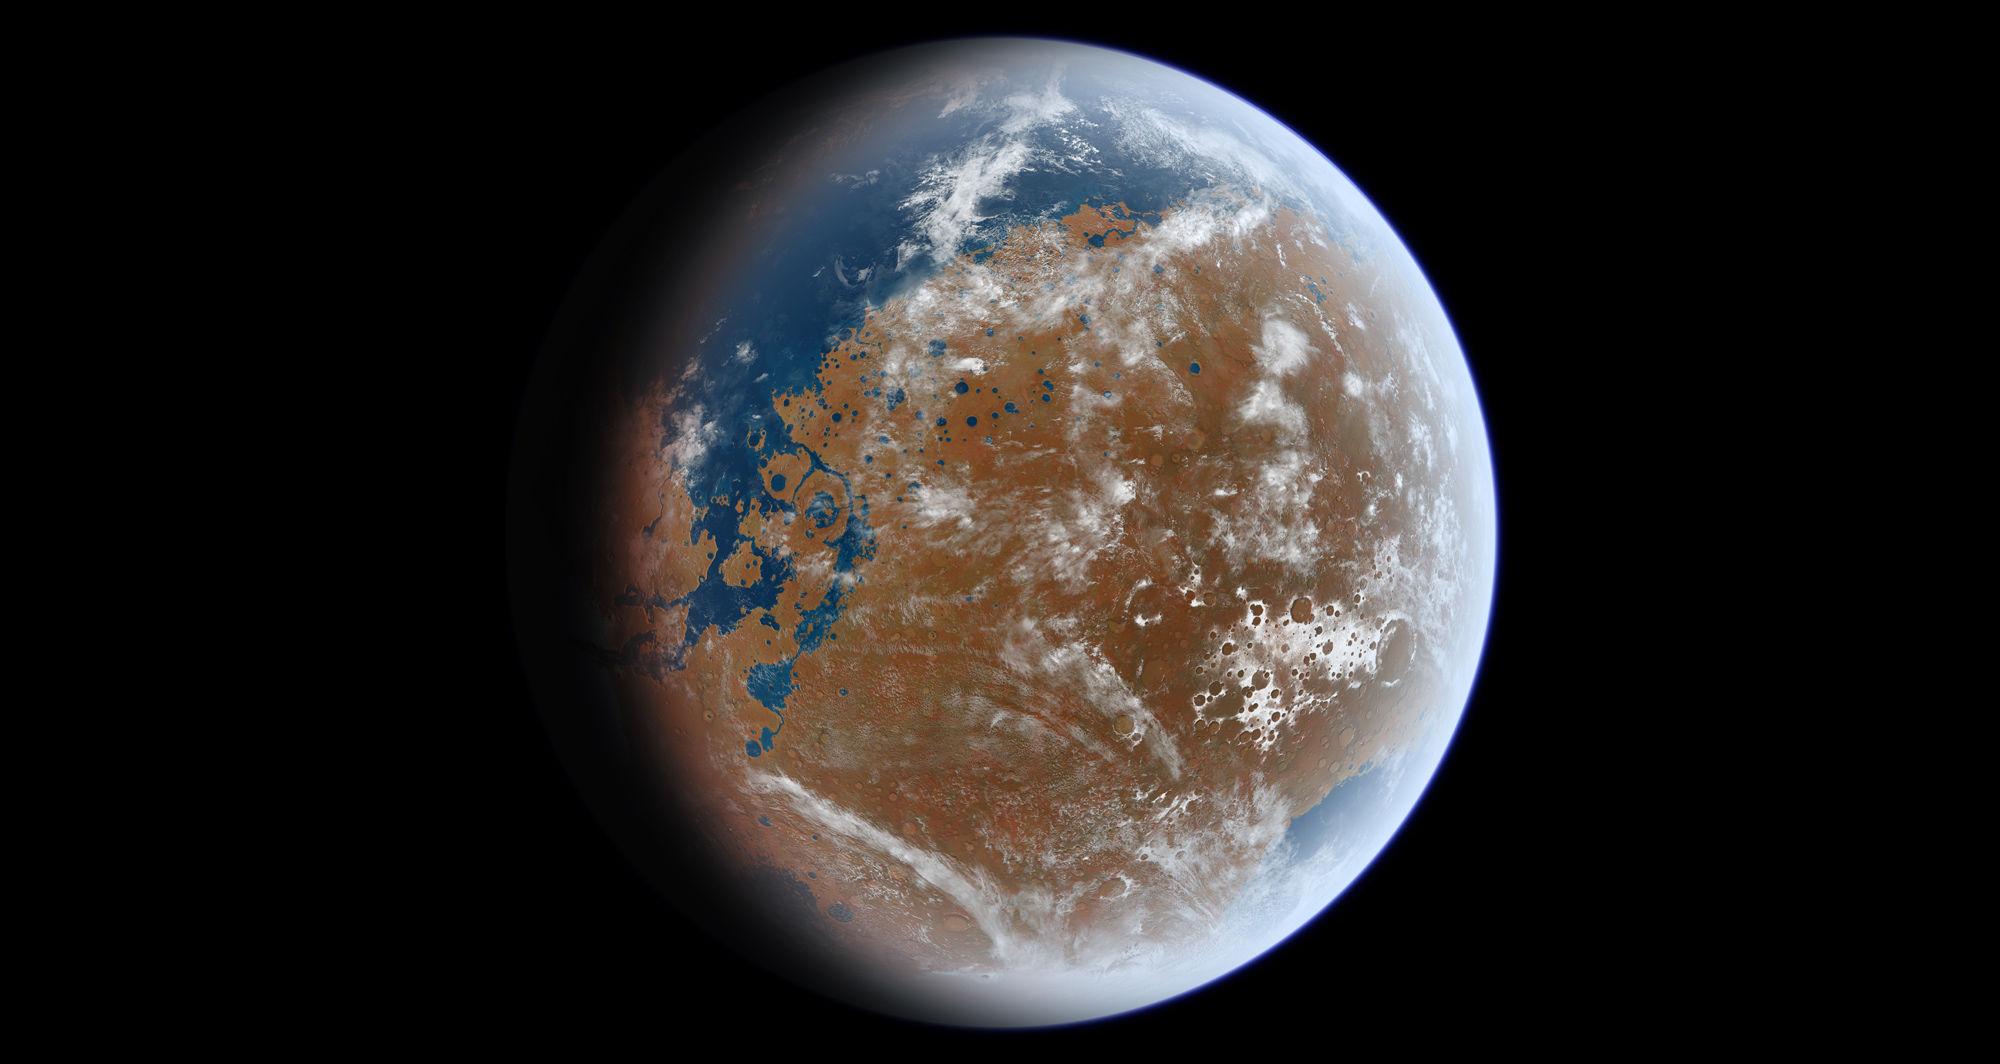 NASA's Mars Pathfinder may have landed at the edge of an ancient inland Martian sea